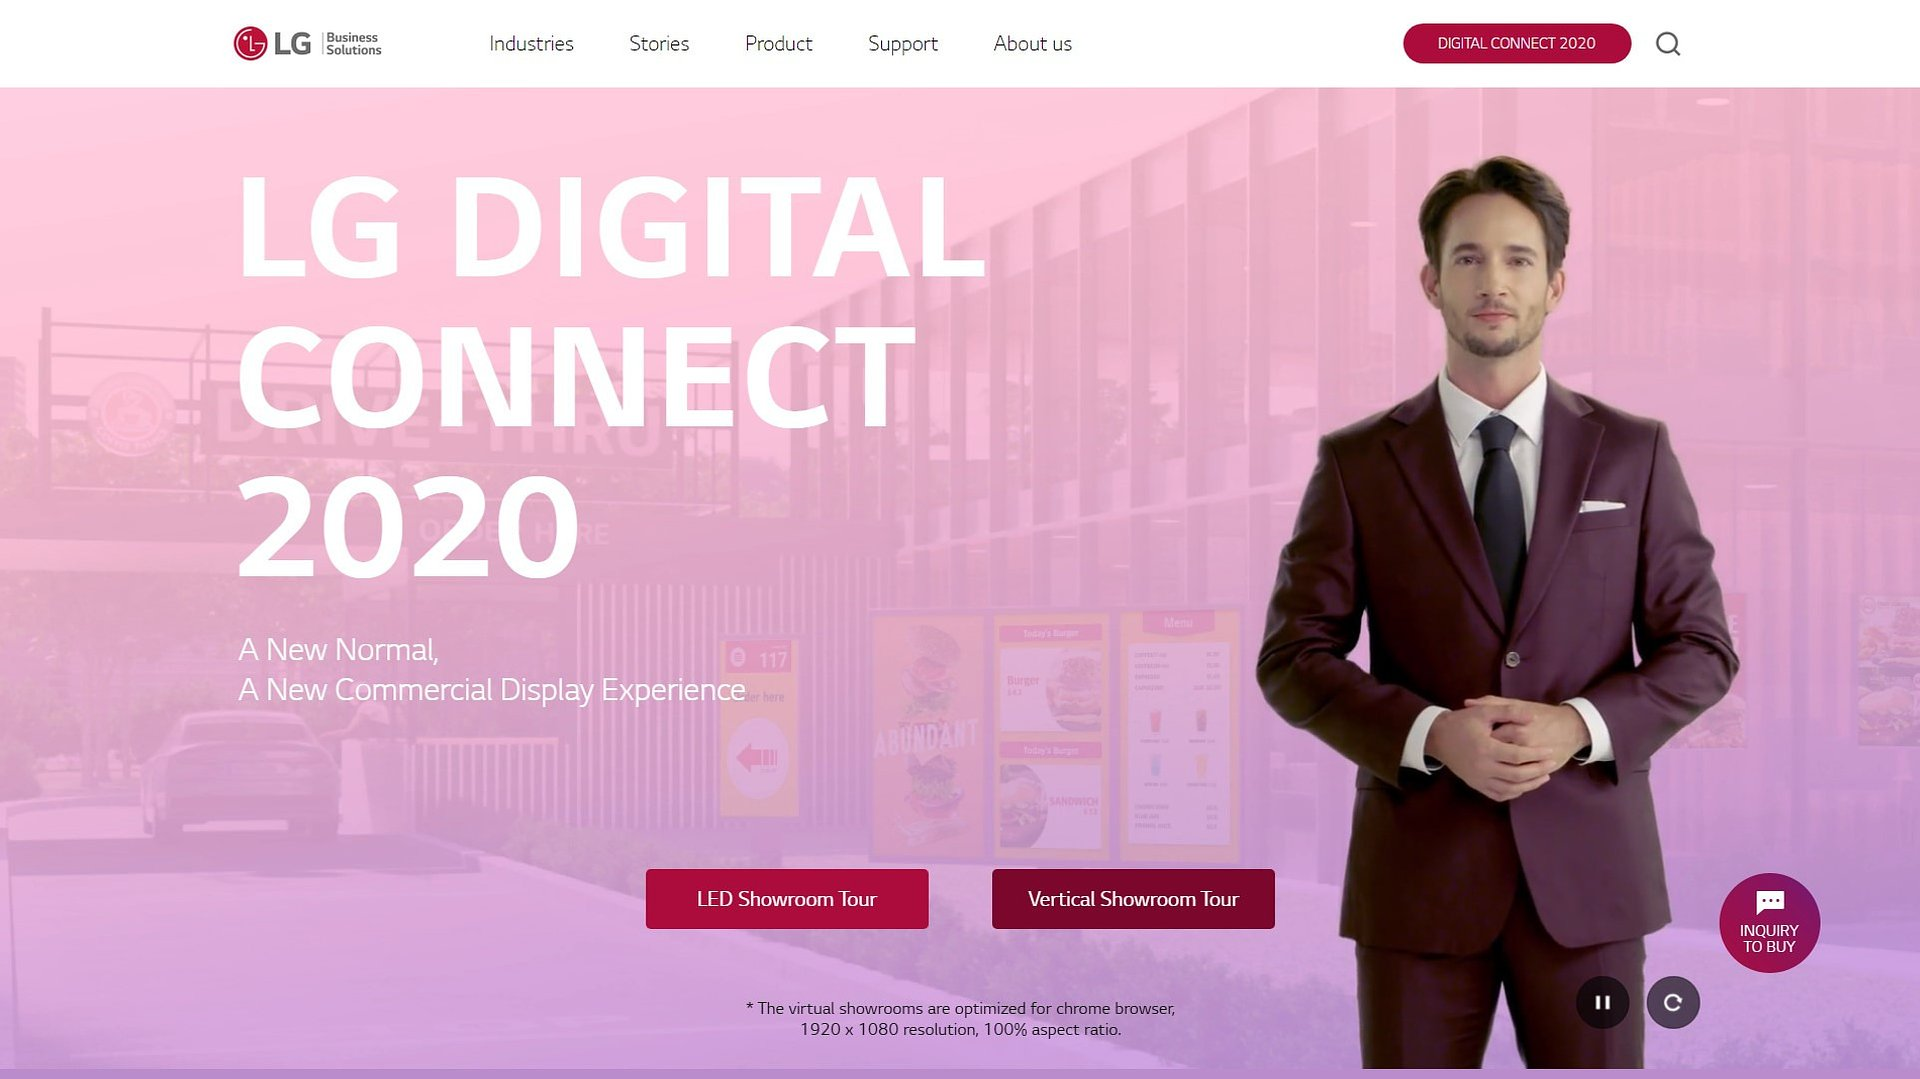 Poznaj najnowsze rozwiązania digital signage firmy LG dzięki platformie Digital Connect 2020